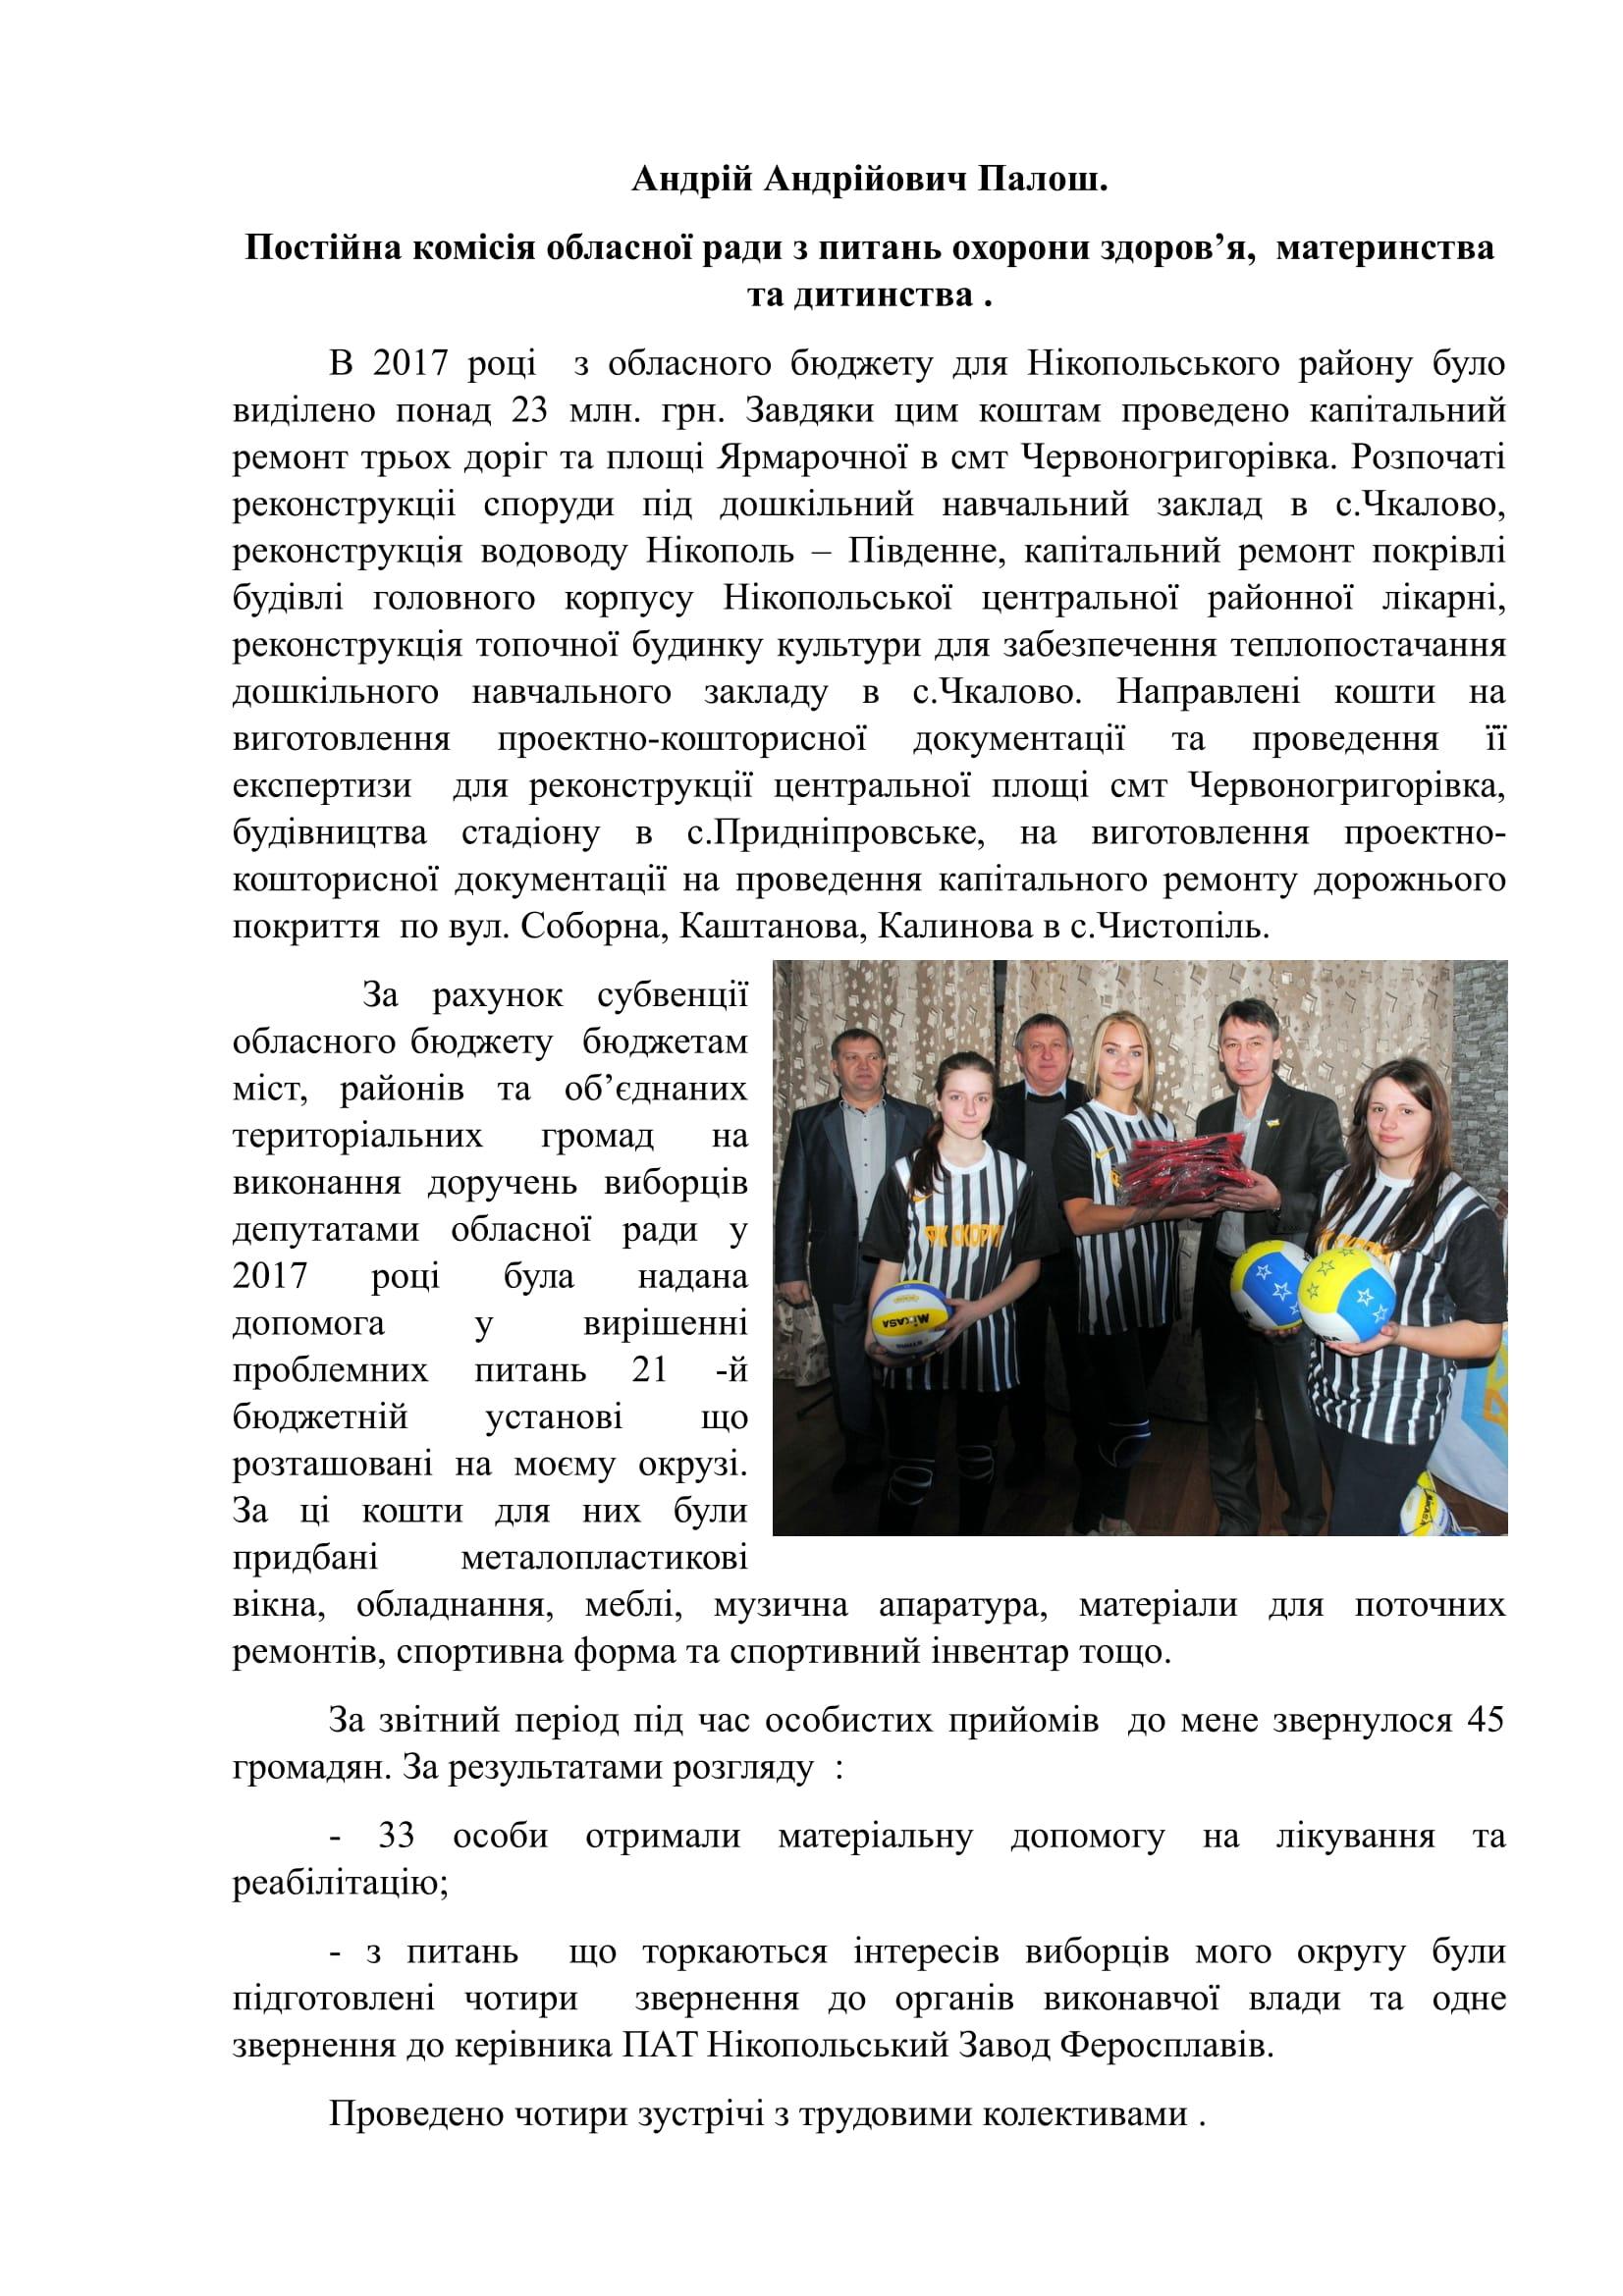 звіт за 2017 рік Палош-1